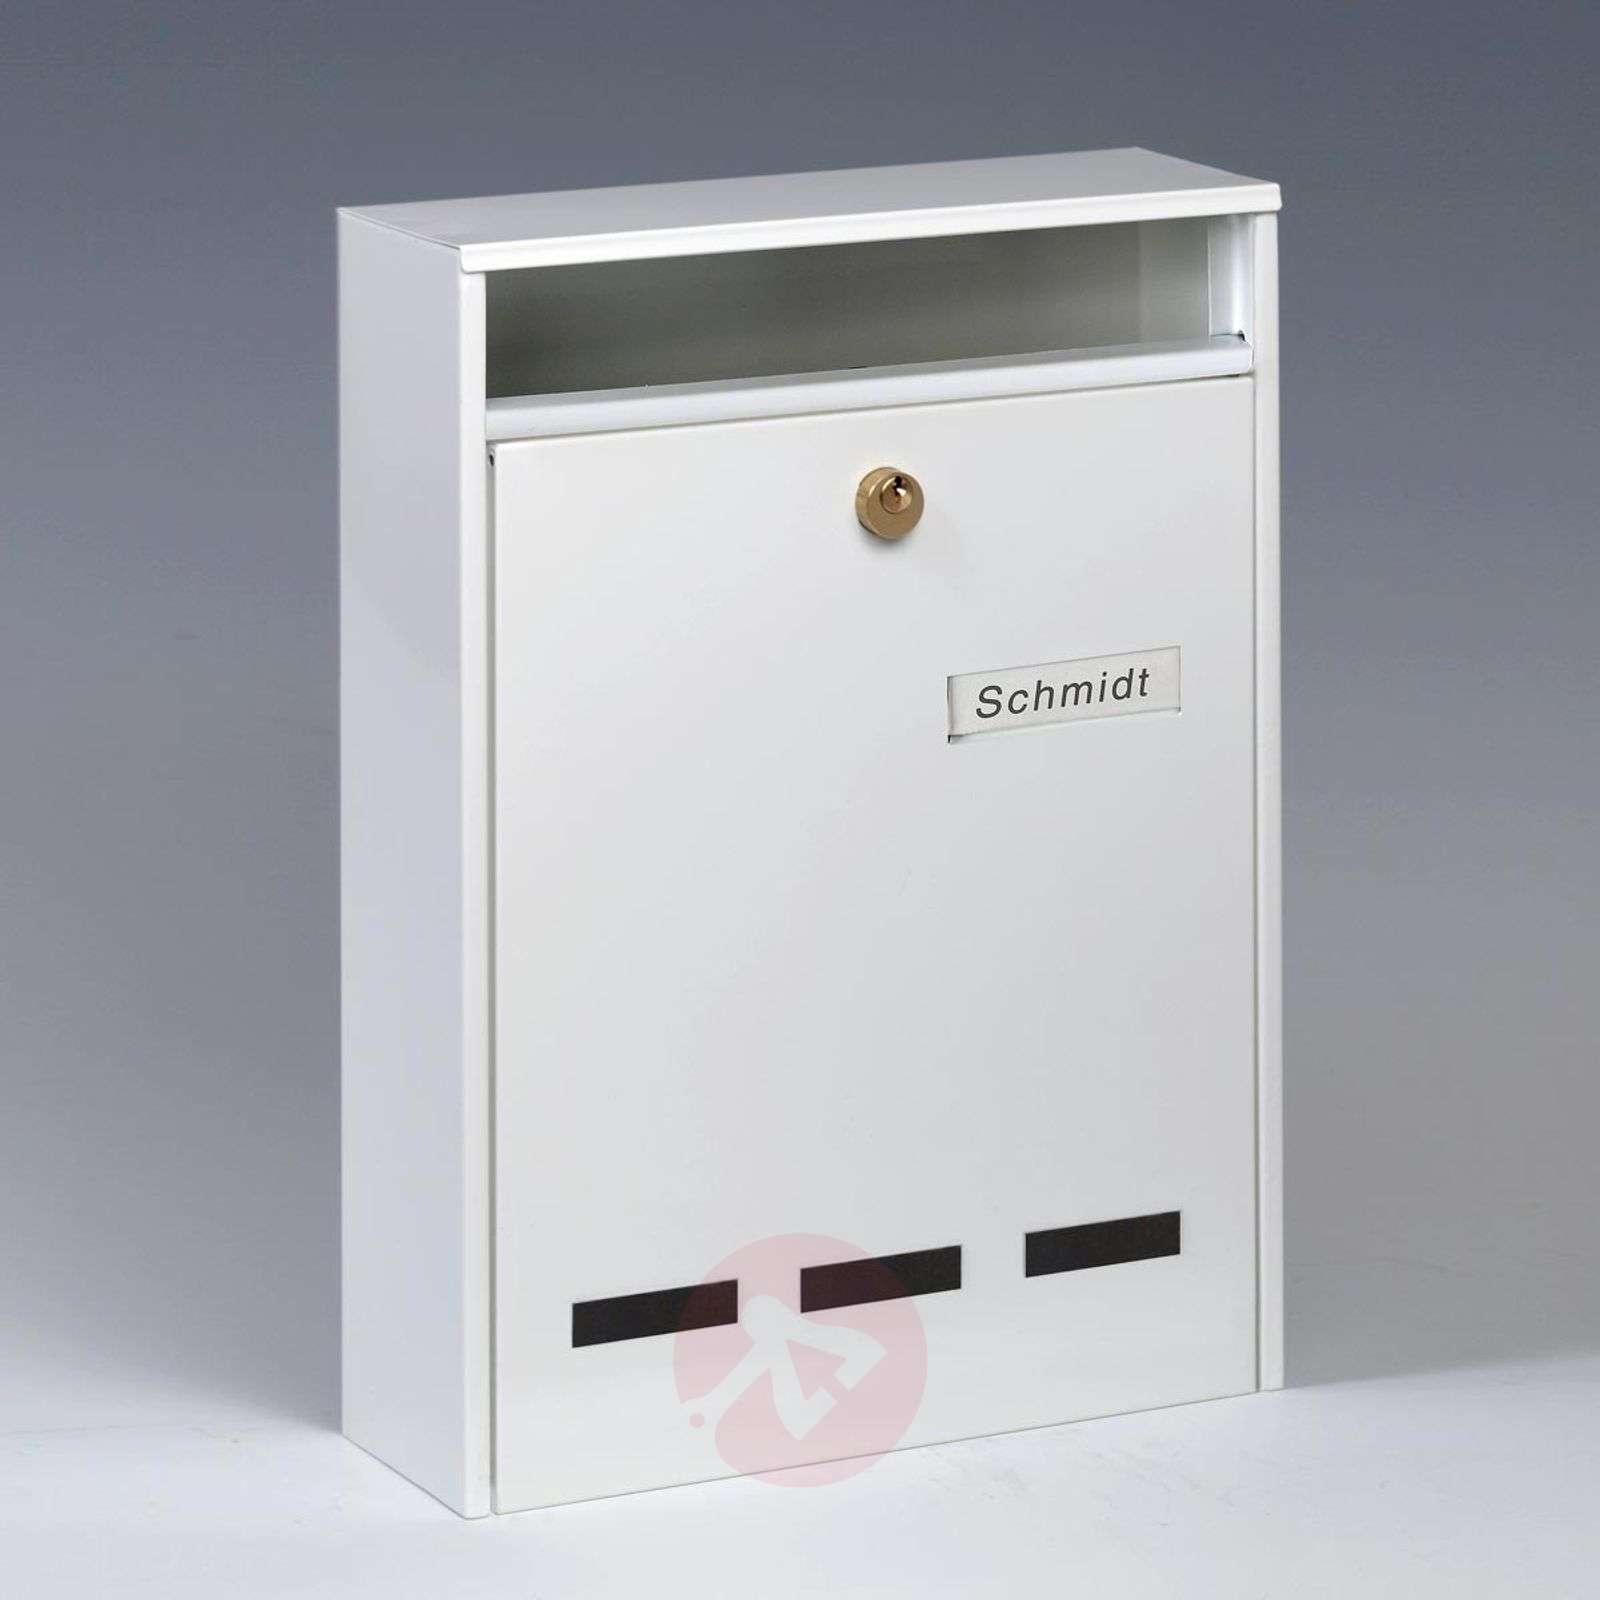 Wismar-ryhmäpostilaatikko tyyppi DIN A4, valkoinen-1532112-01